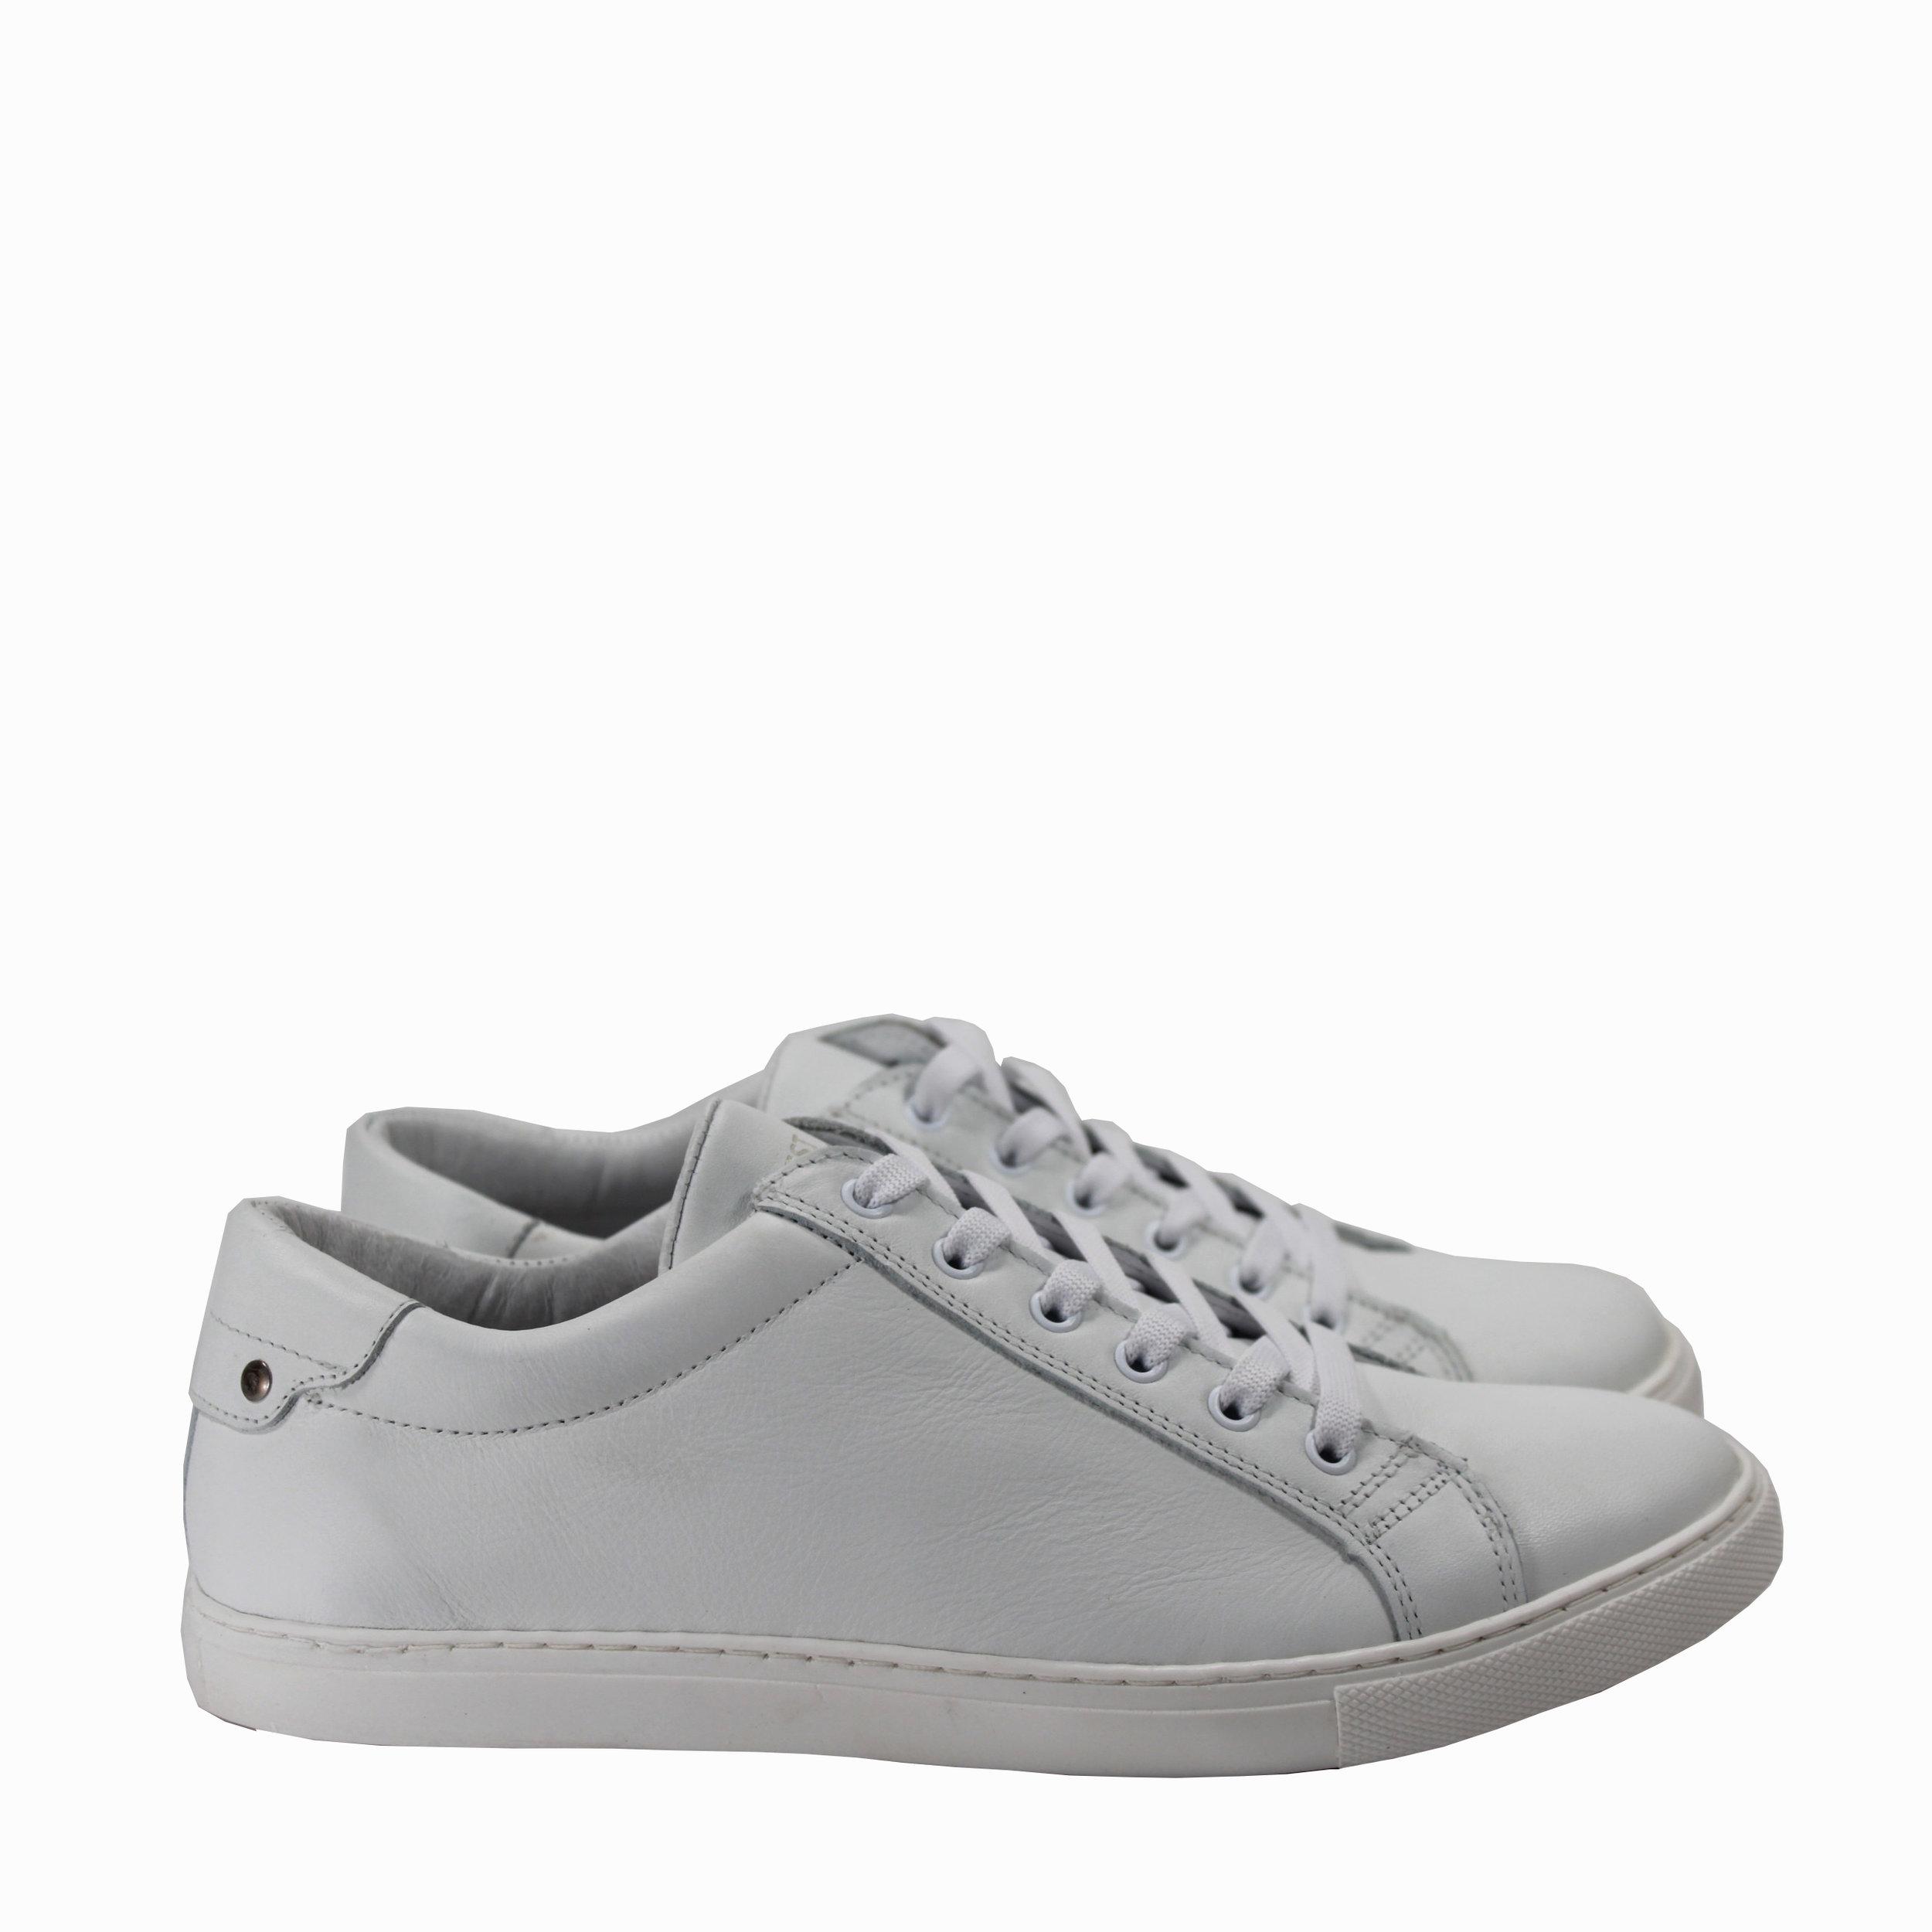 final shoe two.jpg